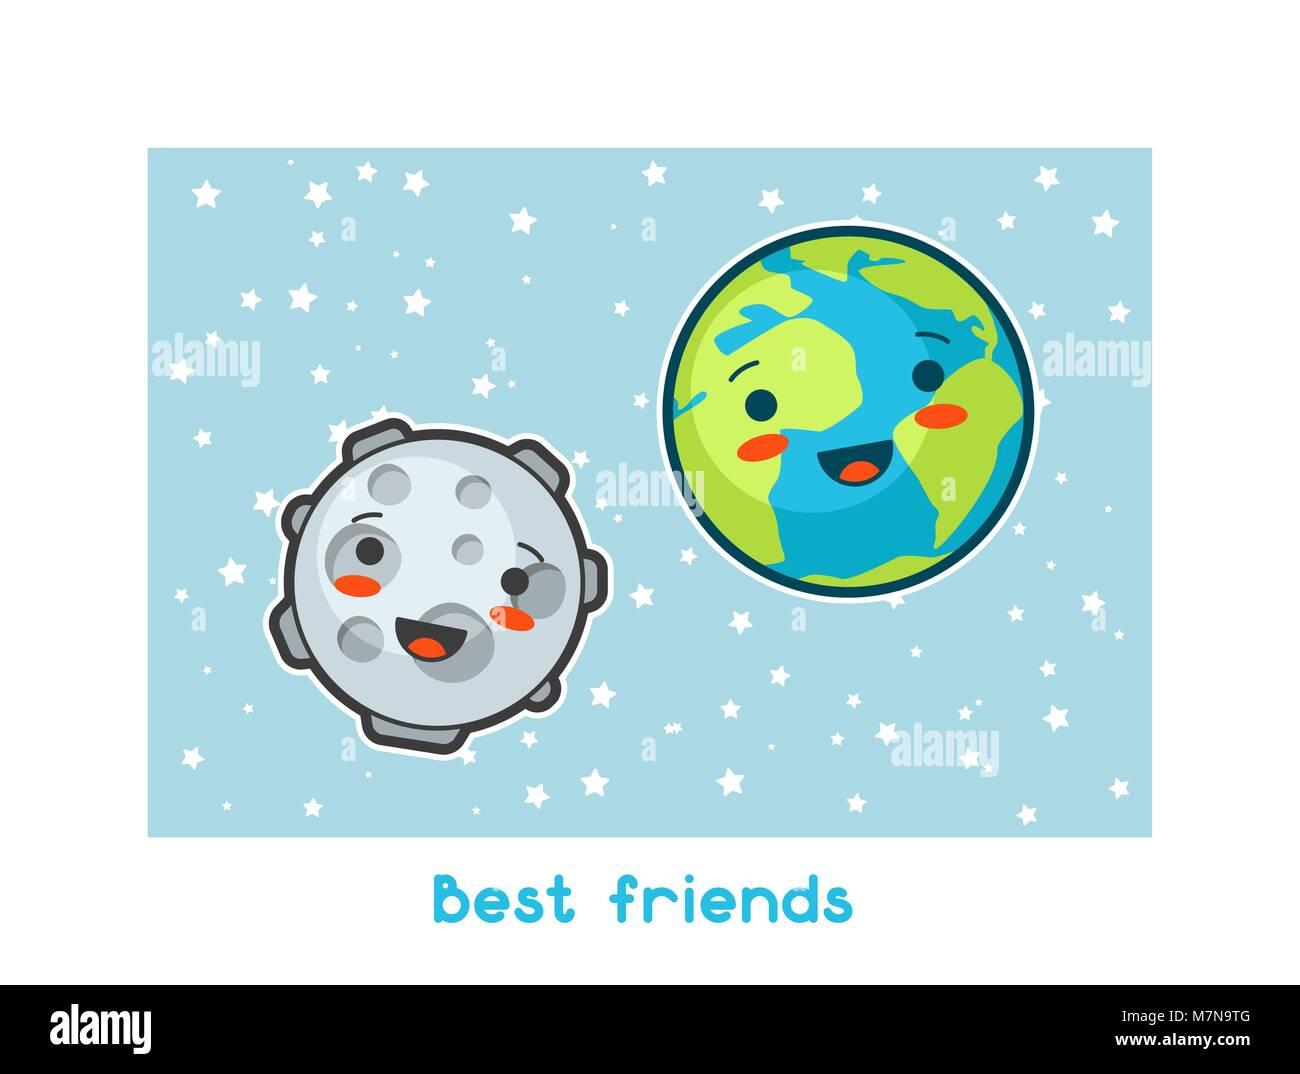 Mejores Amigos Espacio Kawaii Gracioso Tarjeta Garabatos Con